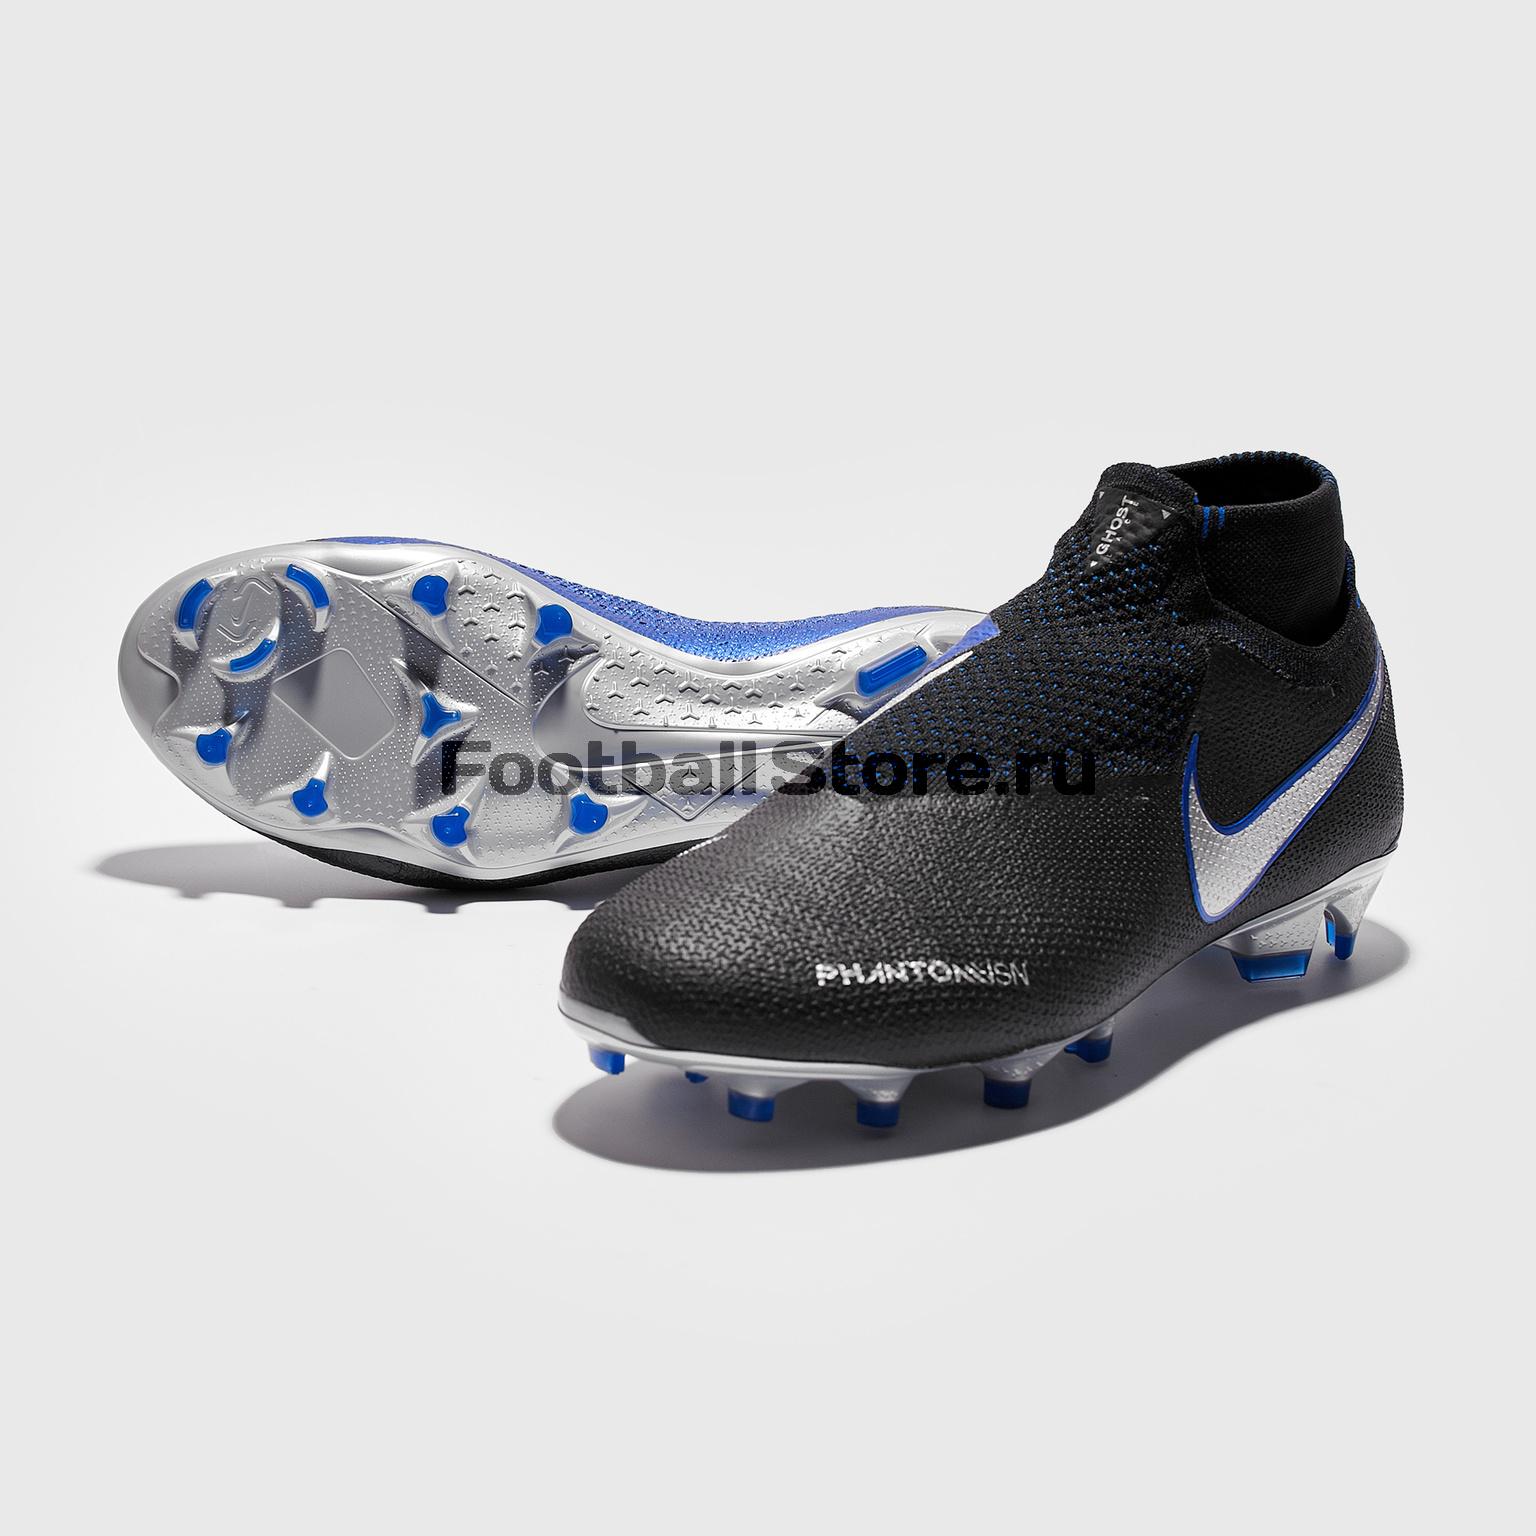 Бутсы Nike Phantom Vision Elite DF FG AO3262-004 бутсы nike phantom vision elite df ag pro ao3261 606